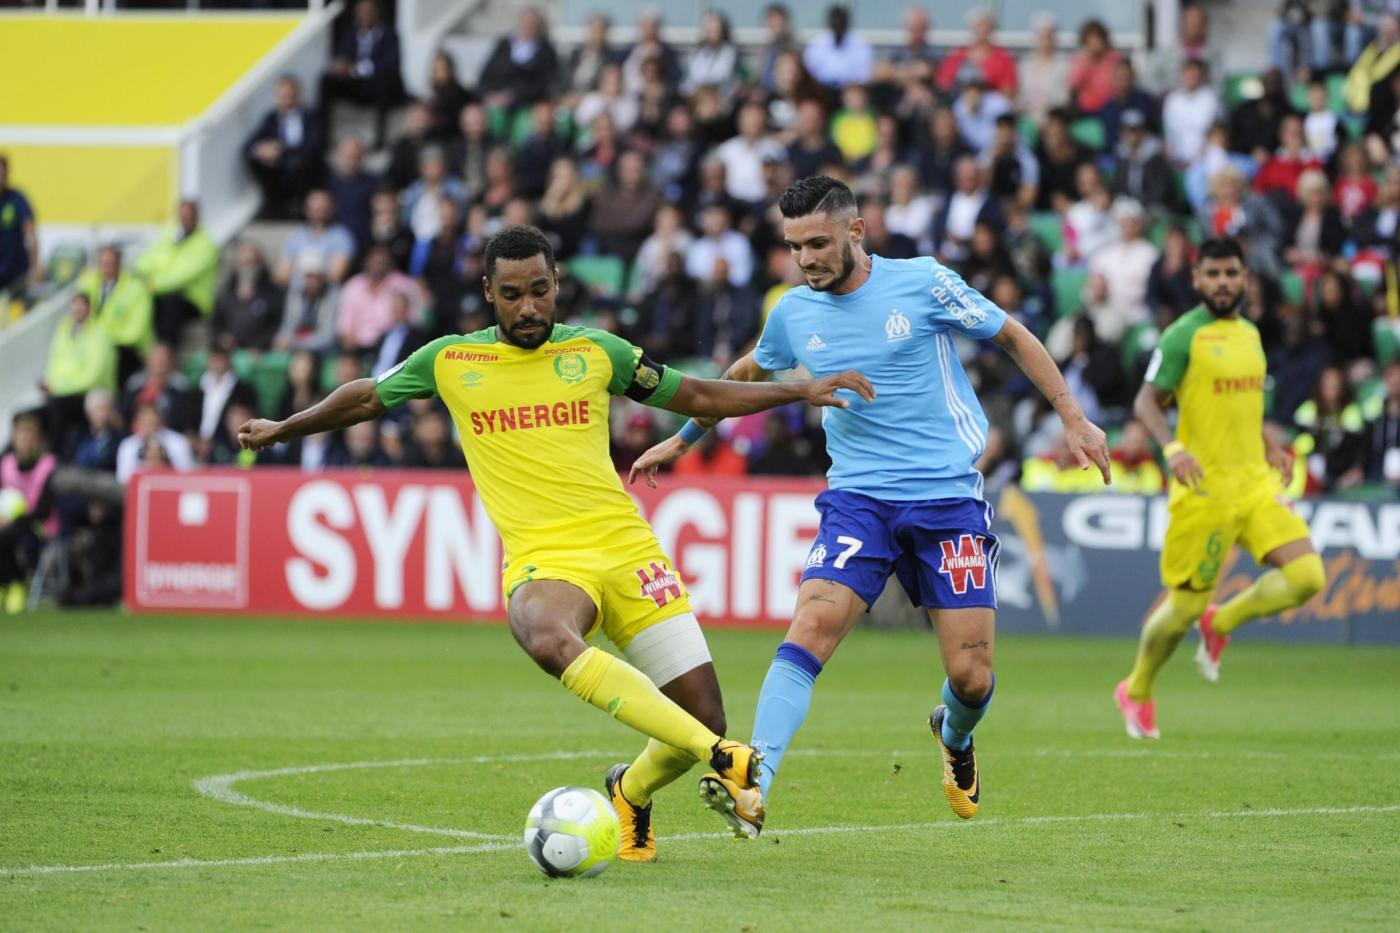 Strasburgo-Nantes 1 settembre: si gioca per la quarta giornata della Ligue 1. I gialloverdi cercano la prima vittoria.